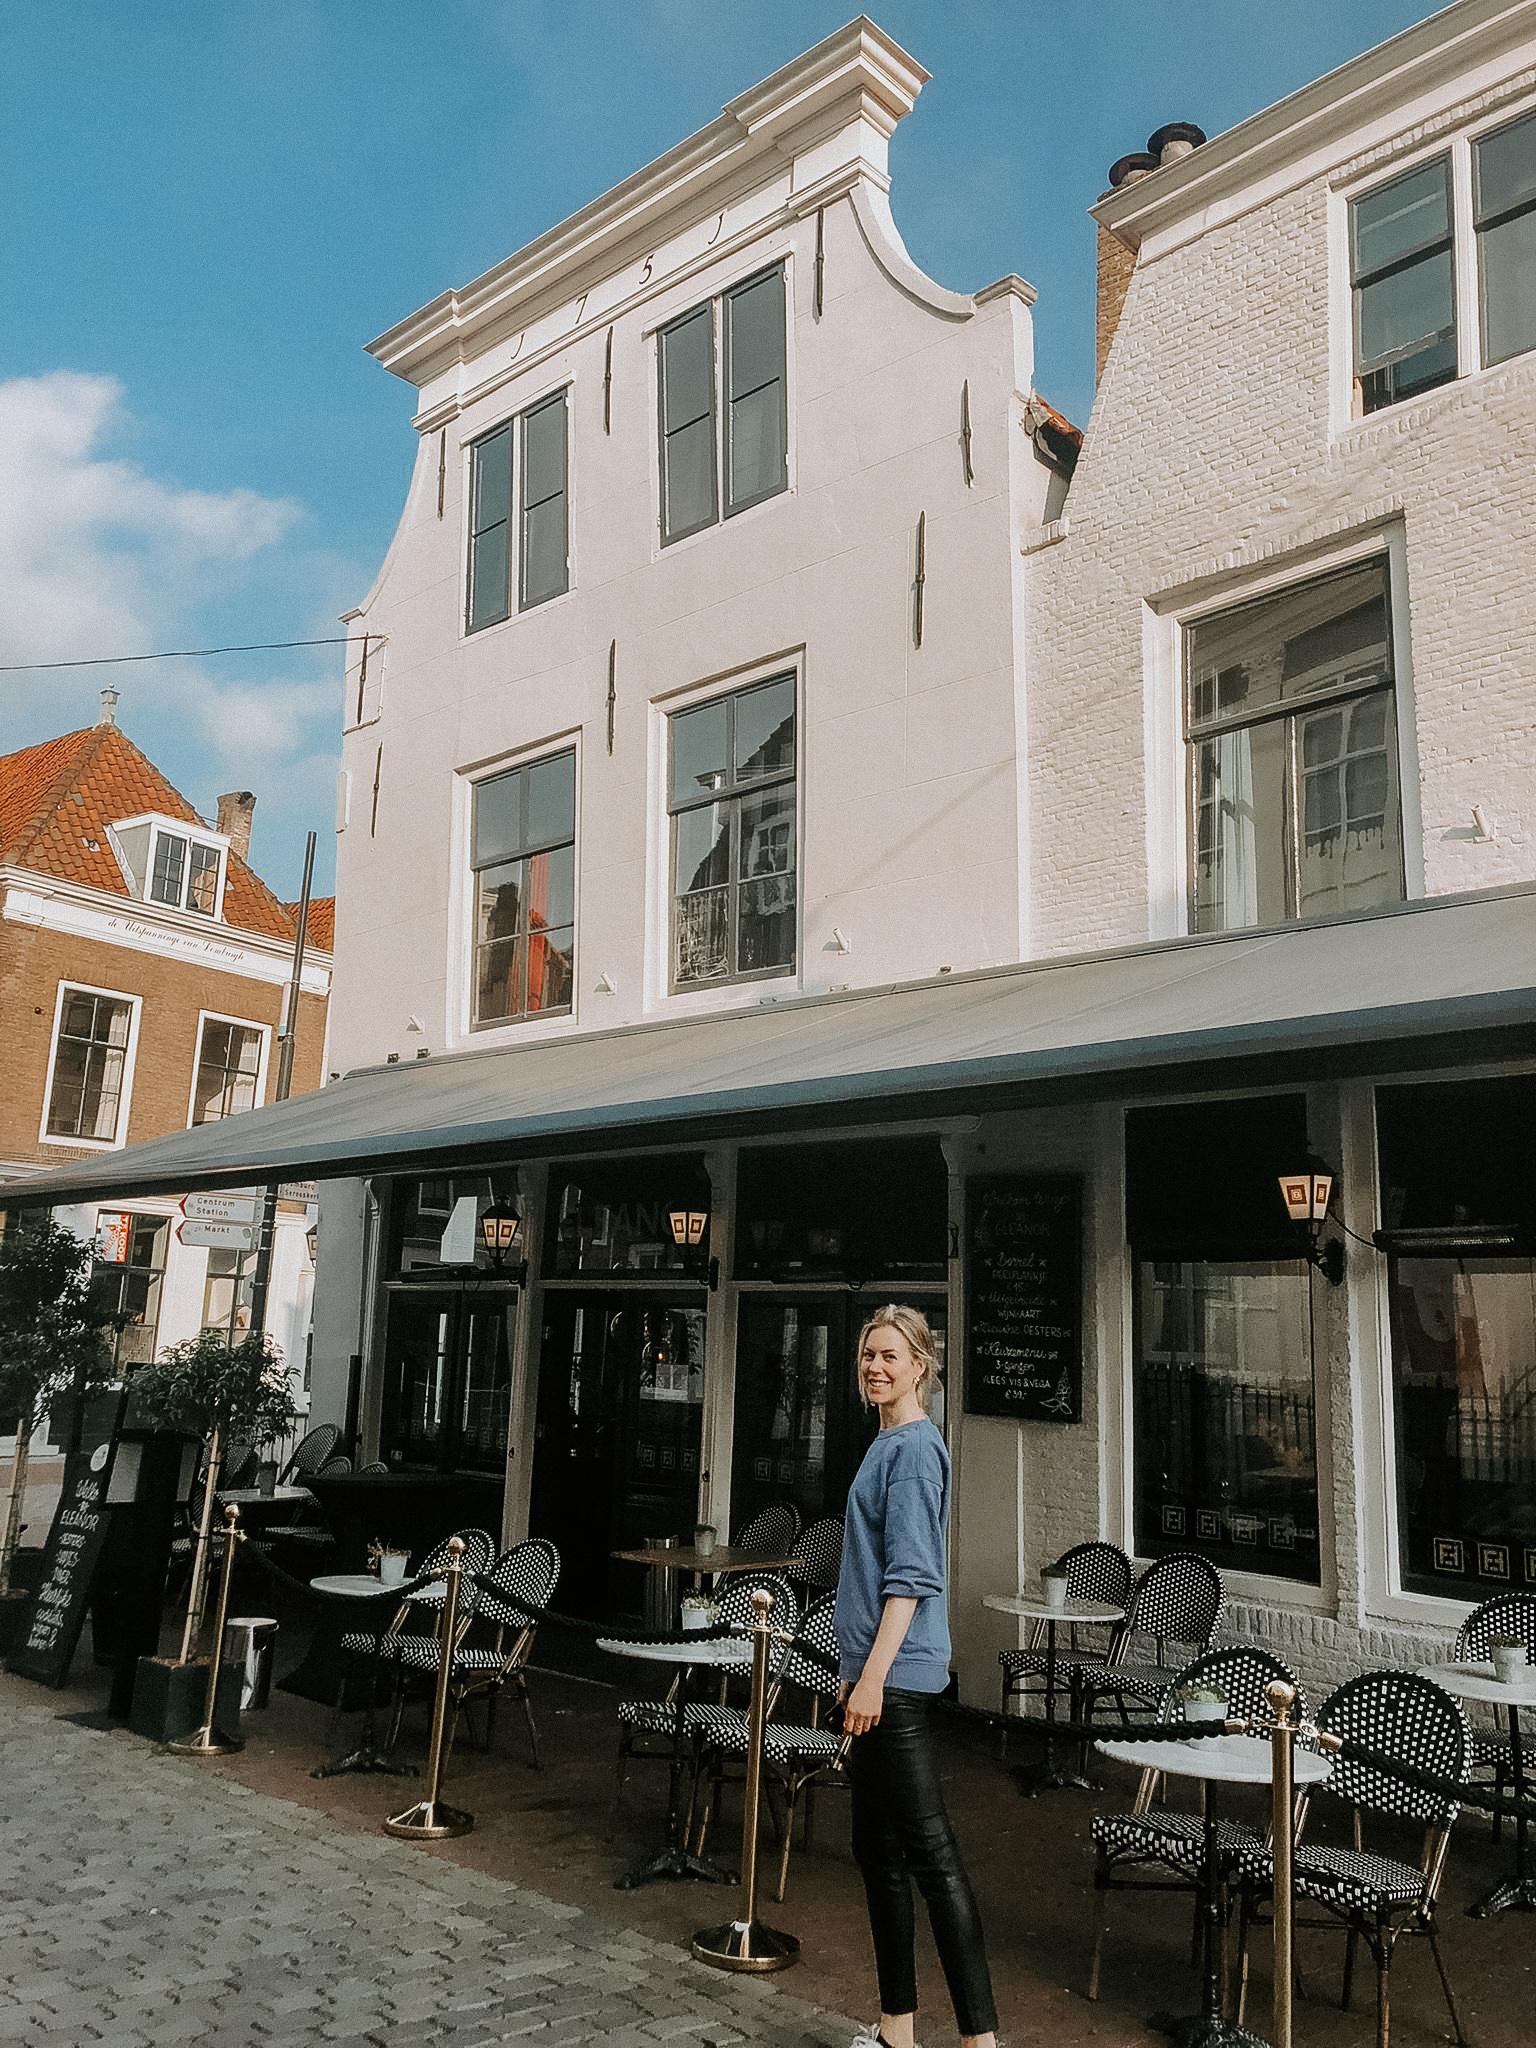 middelburg, hotspots, eleanor, hotel, zeeland